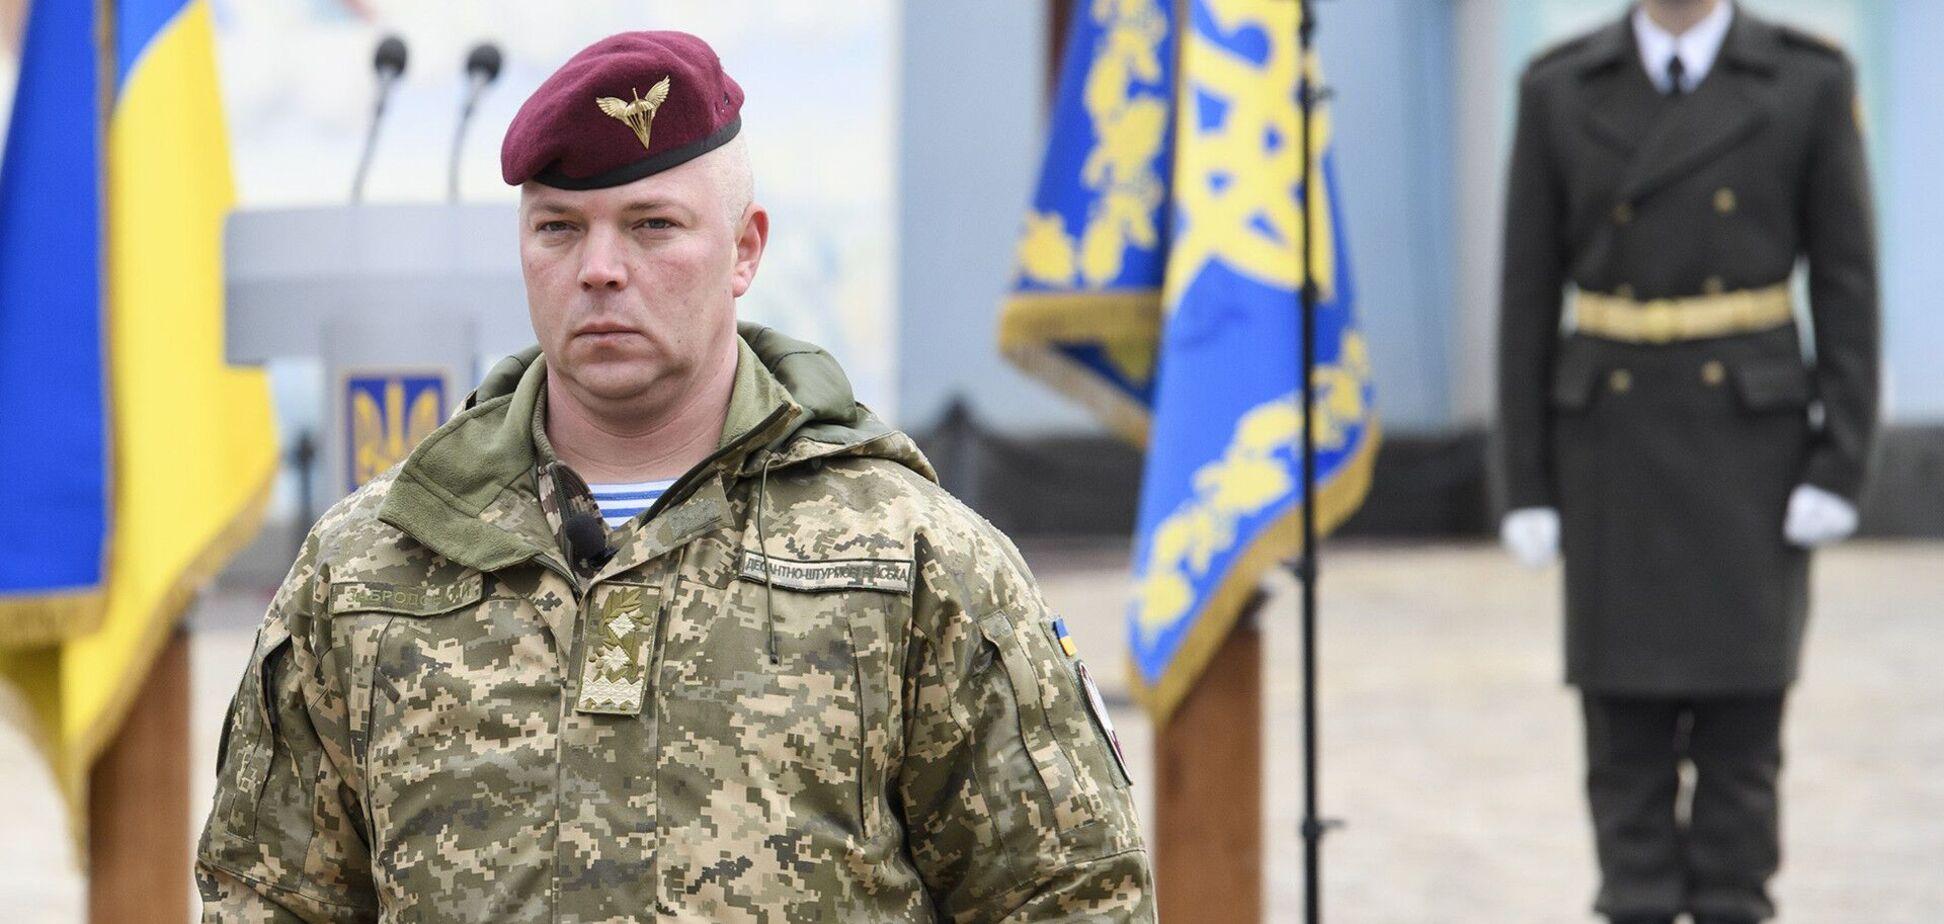 Давление на оборонный комплекс Украины граничит с госизменой, – Забродский